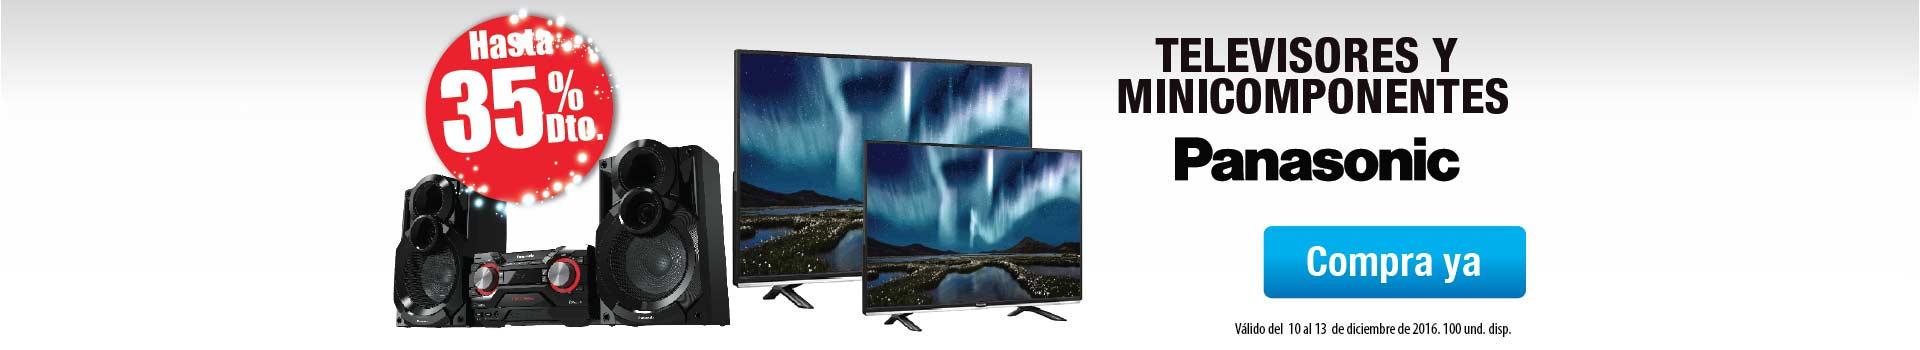 Hasta 35% Dto en TV y Minis Panasonic